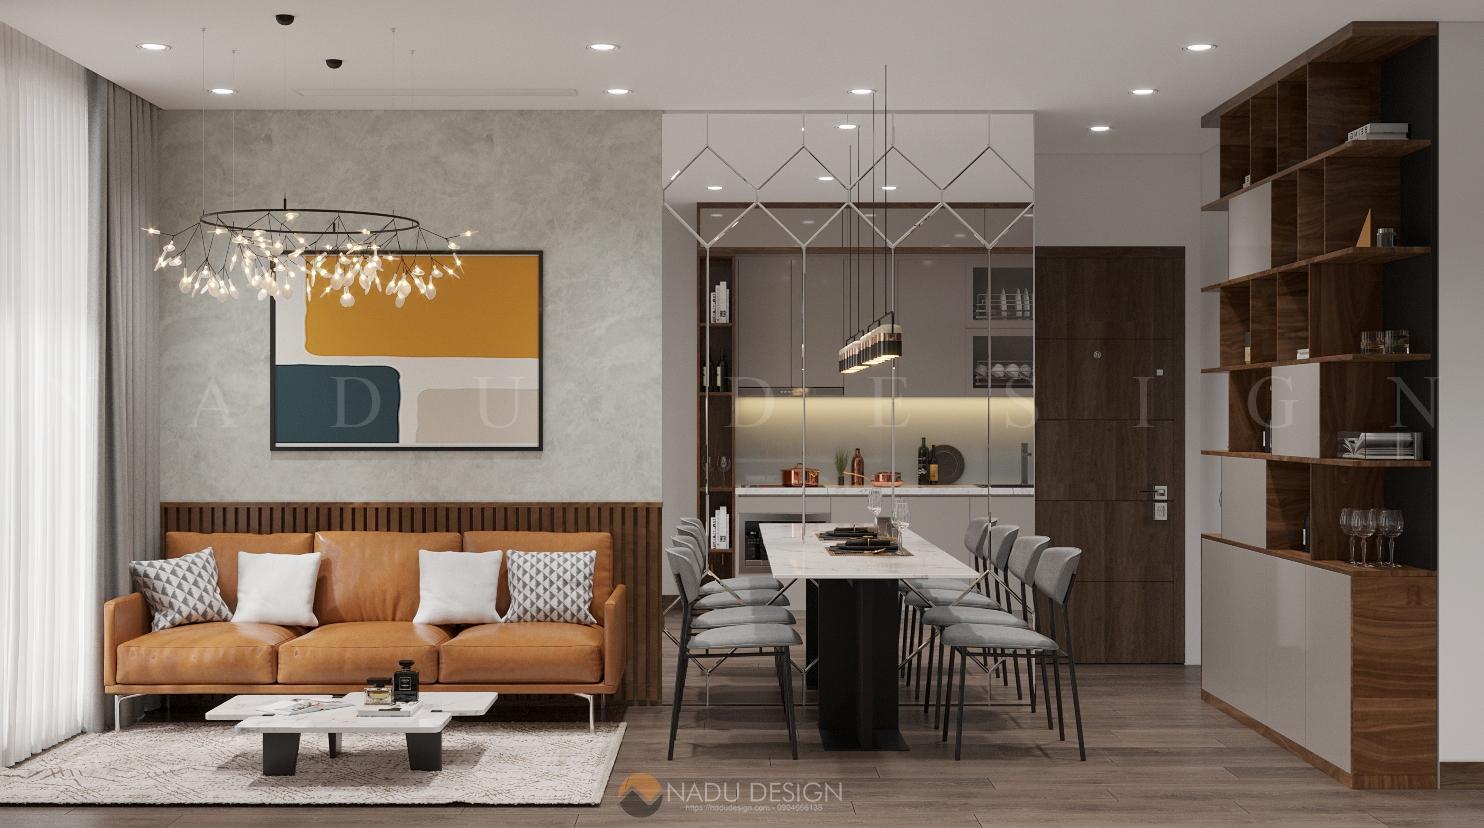 Thiết kế nội thất chung cư phong cách đương đại